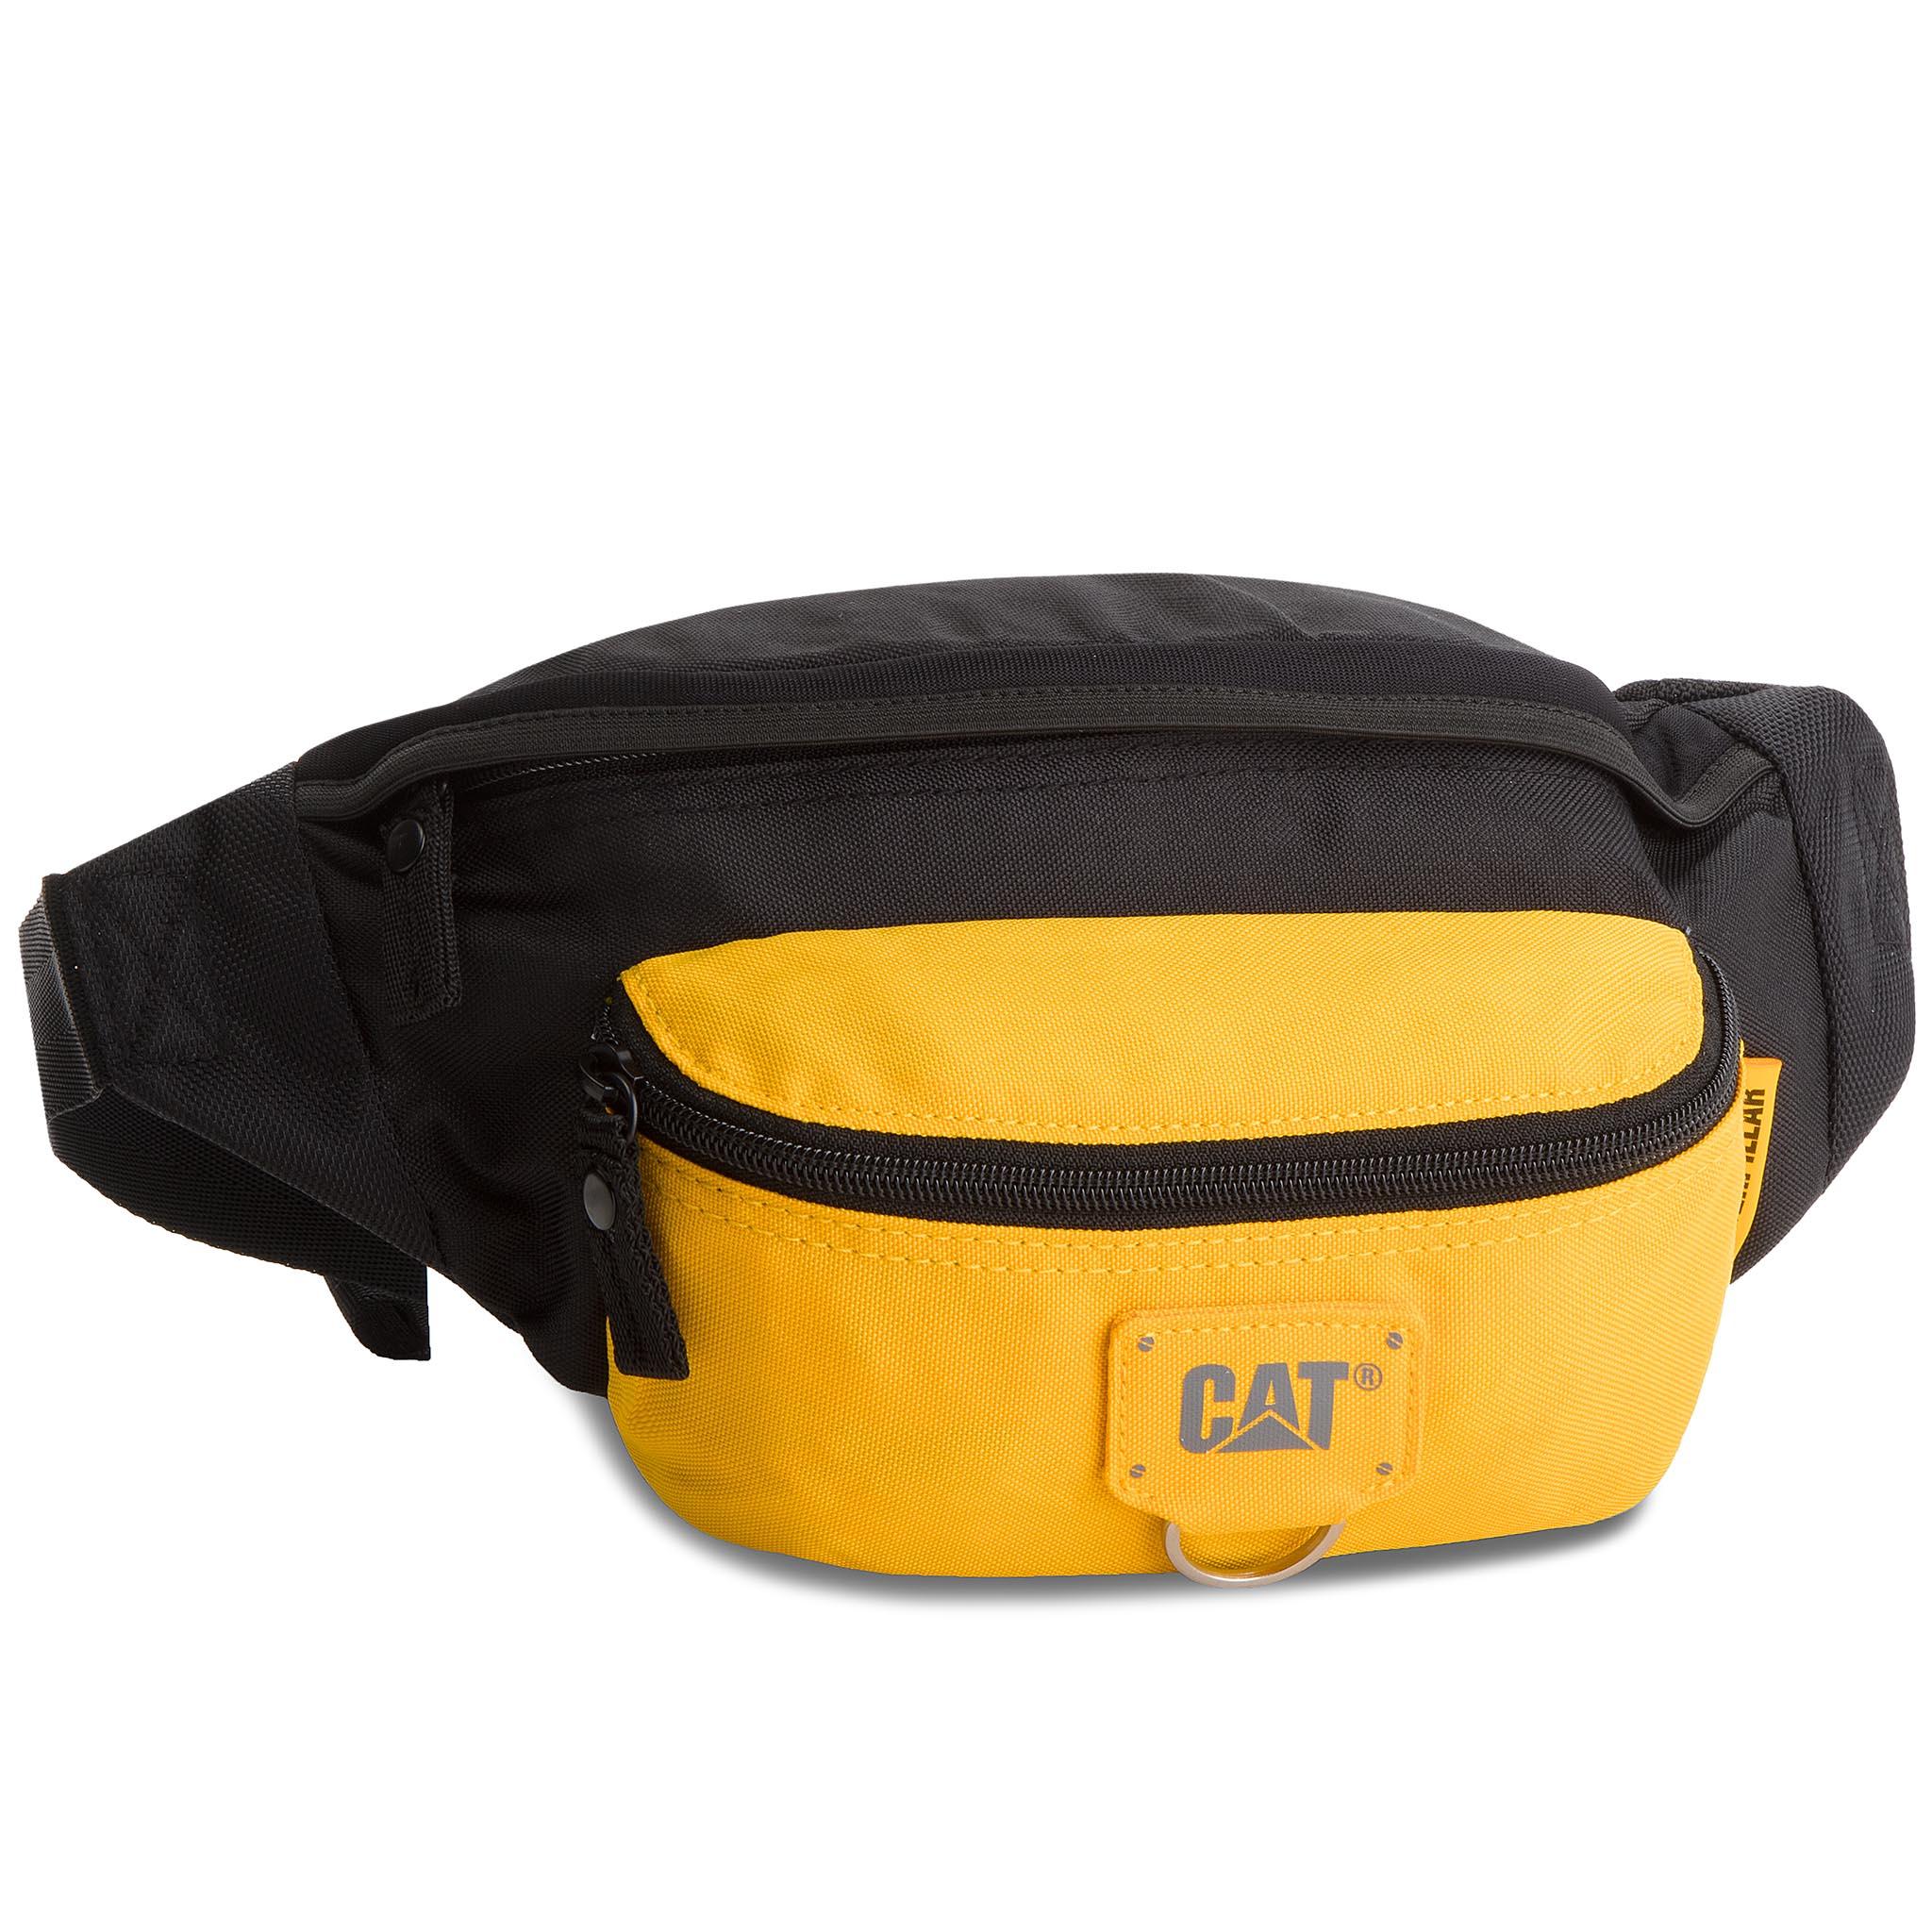 Övtáska CATERPILLAR - Raymond 83432-12 Black Yellow - Glami.hu 2cc40121b8